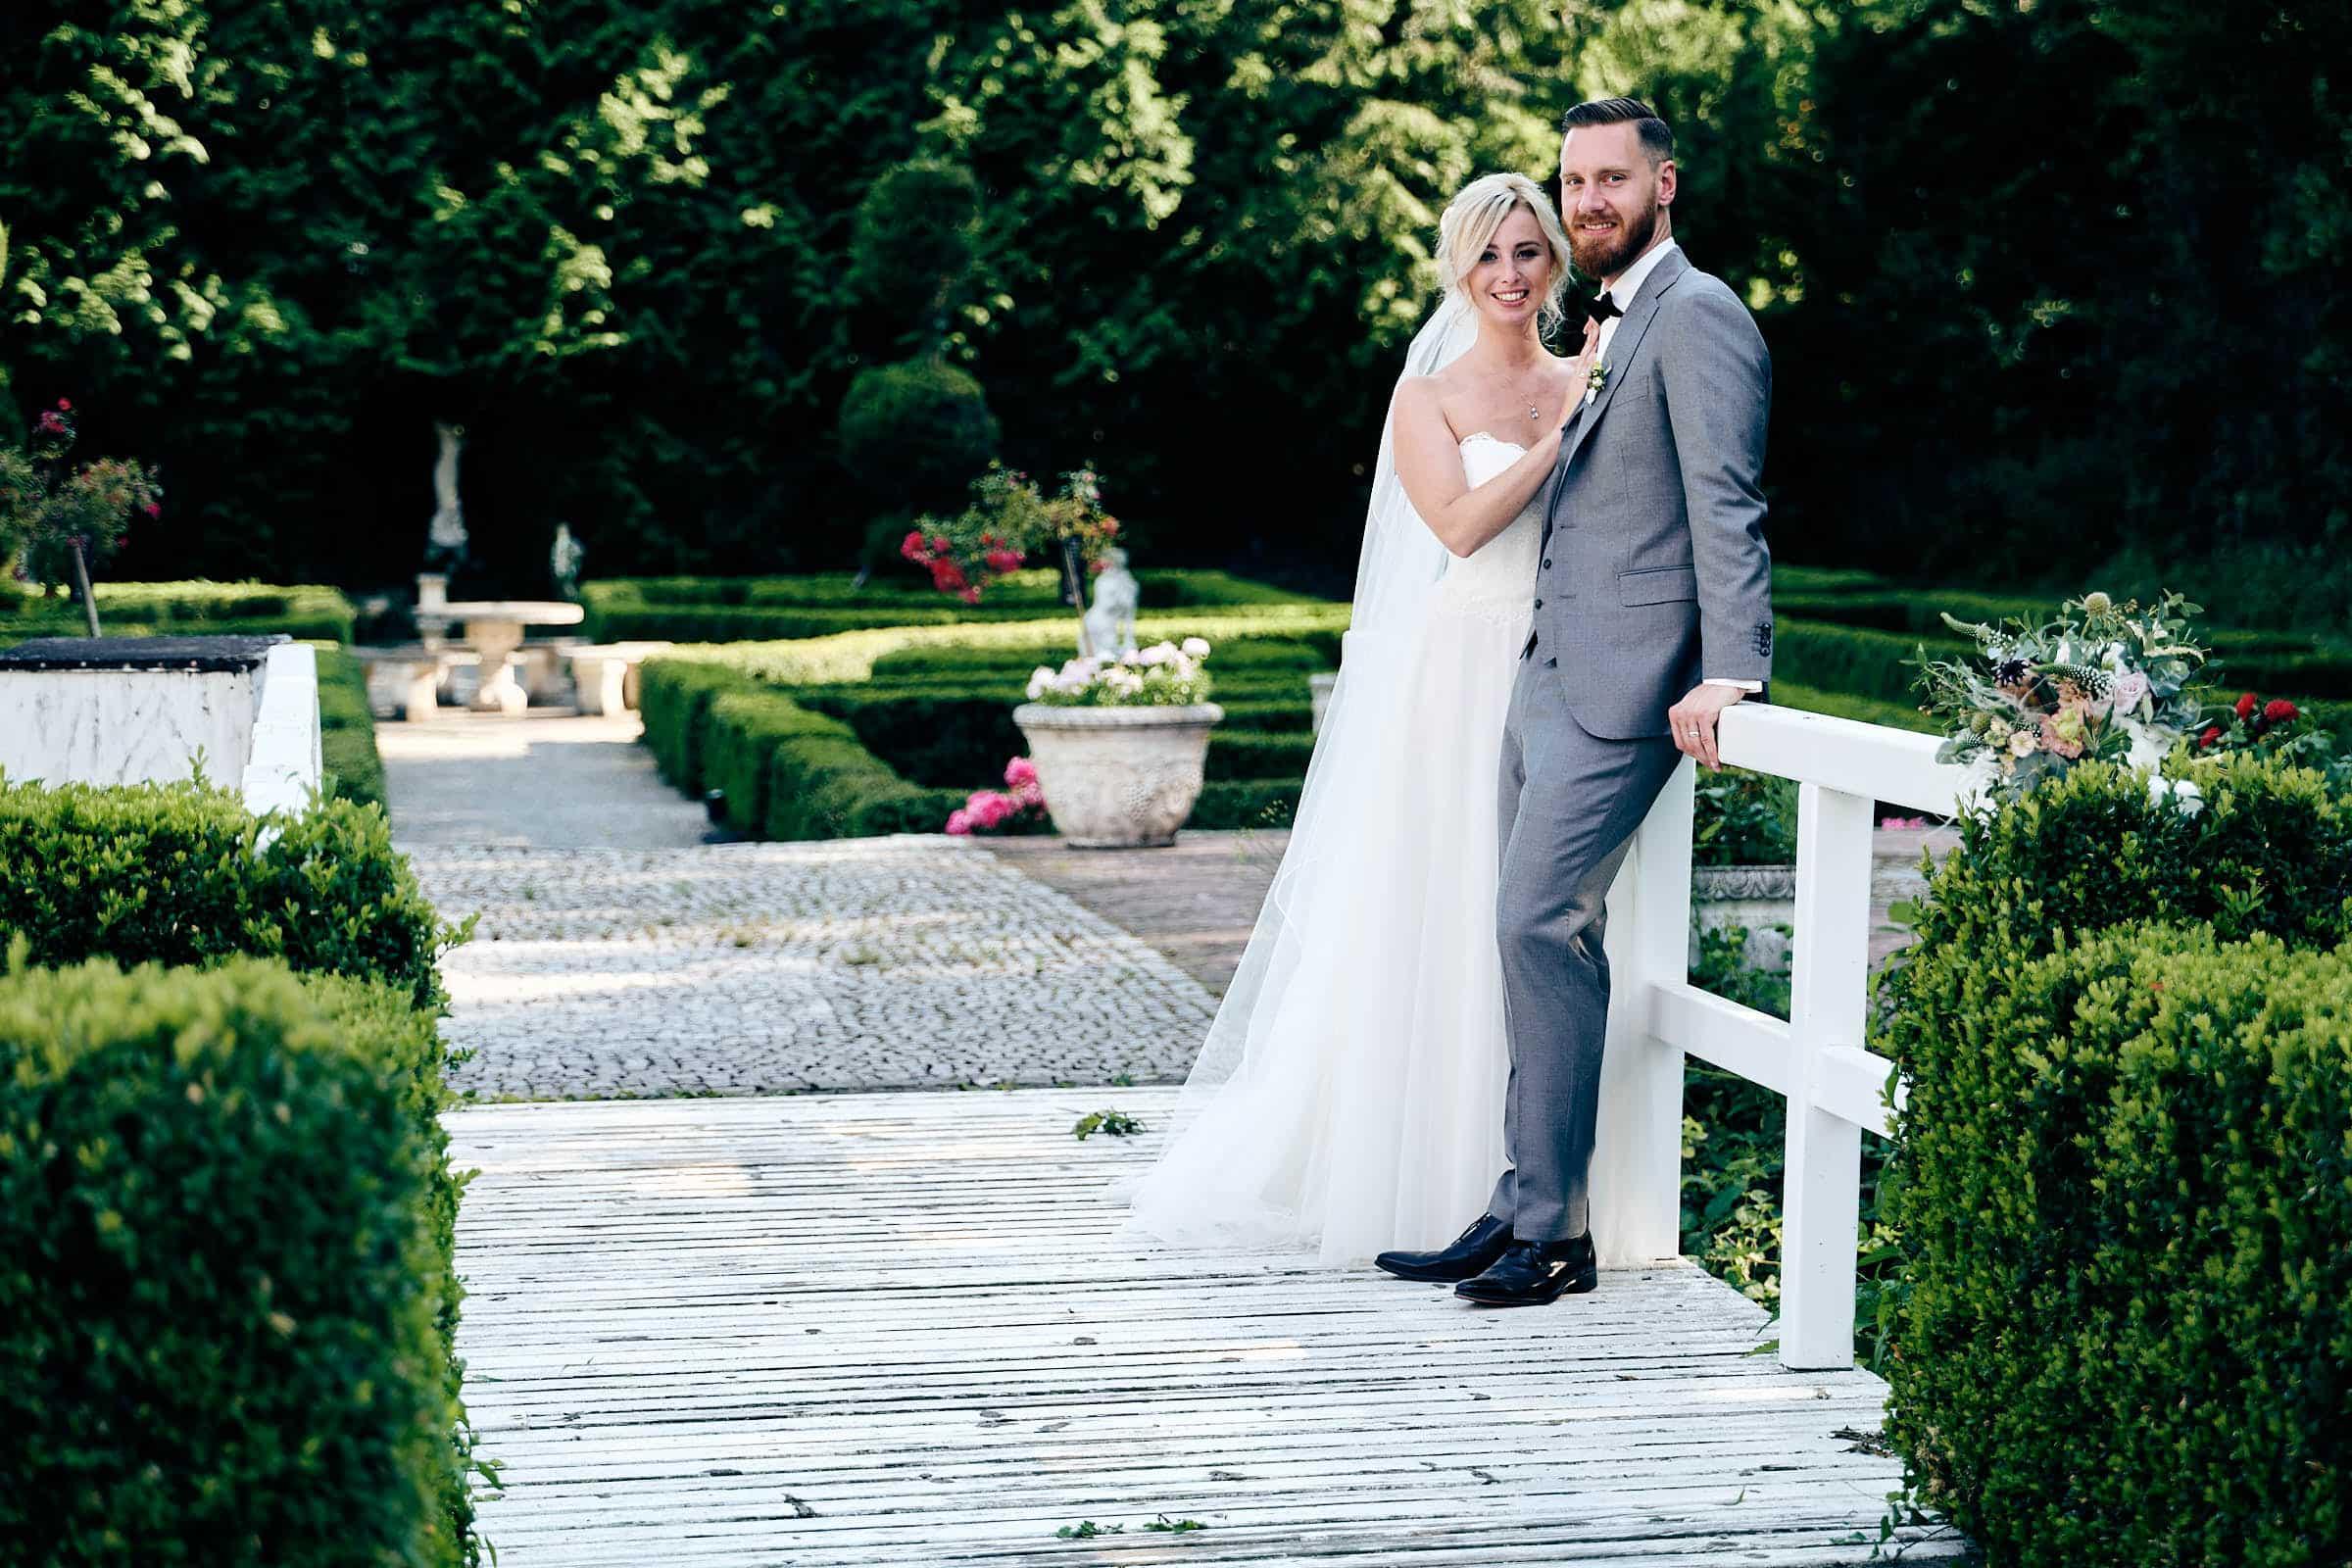 Hochzeitsreportage in der Haldmühle Ein frisch verheiratetes Paar posiert auf einer Brücke beim Brautpaarshooting in der Haldmühle Bissersheim